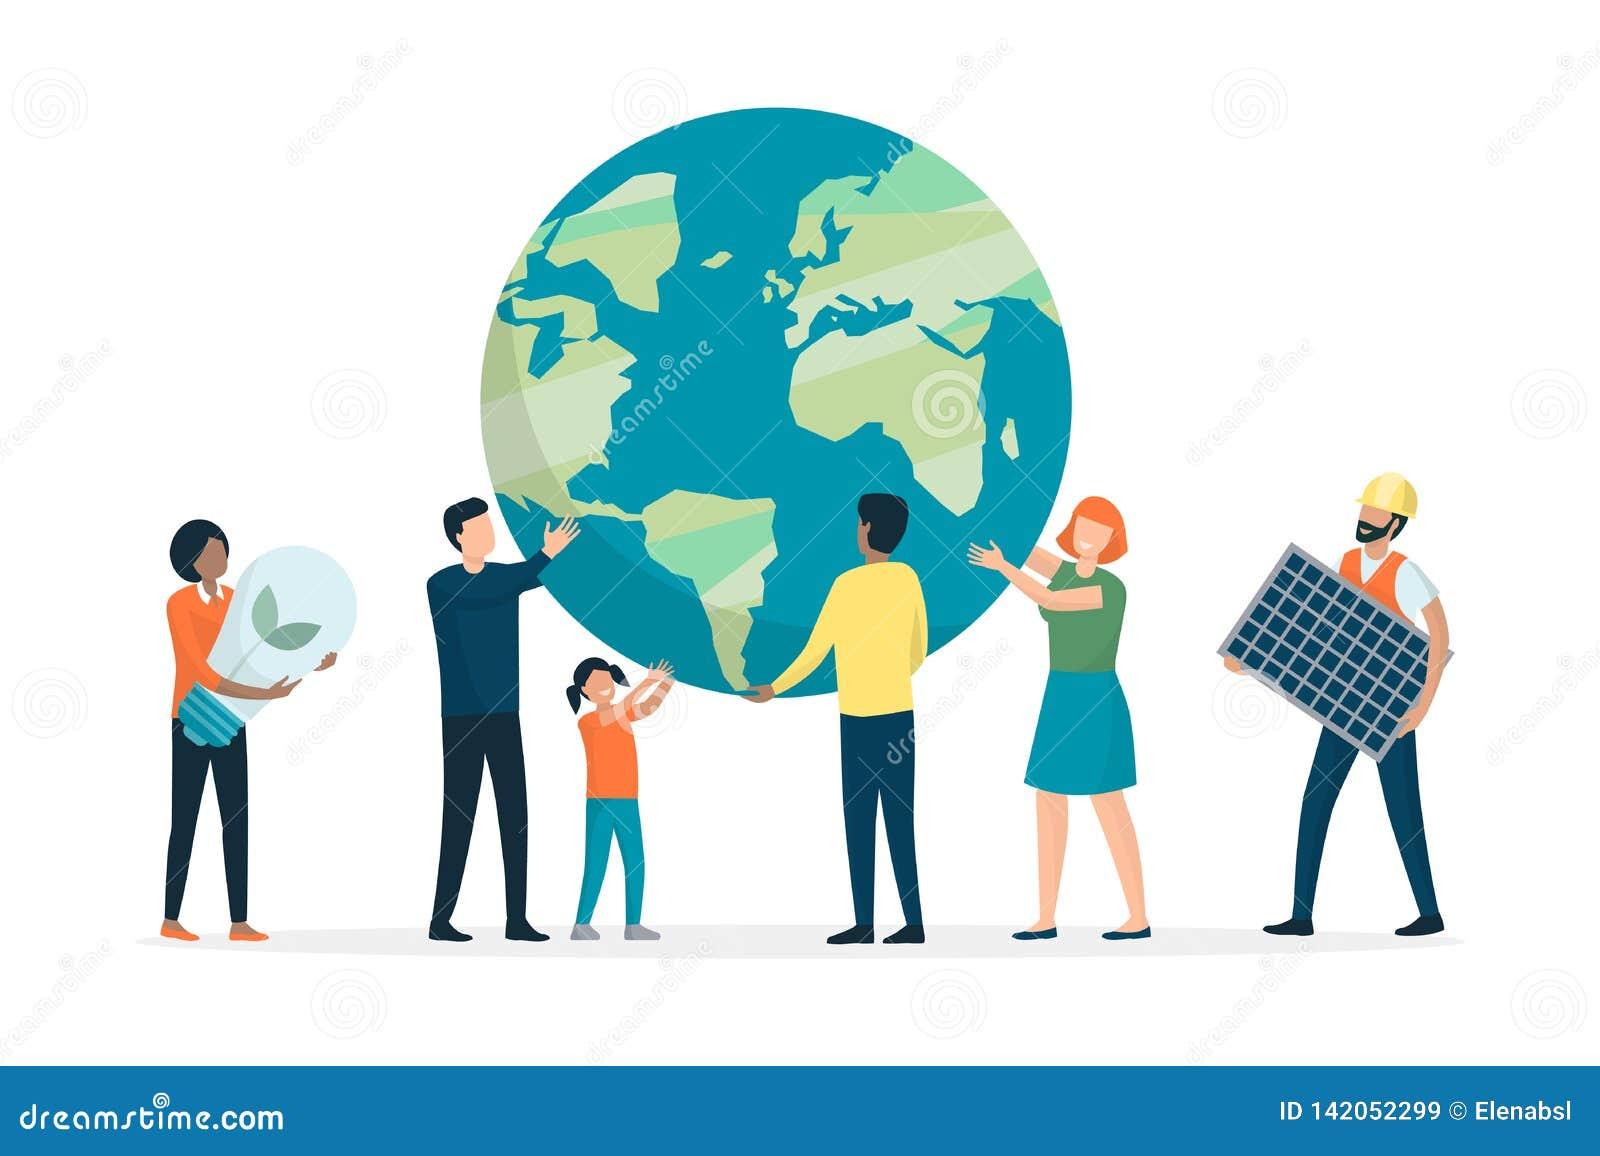 Земля и окружающая среда многонациональной группы людей поддерживая